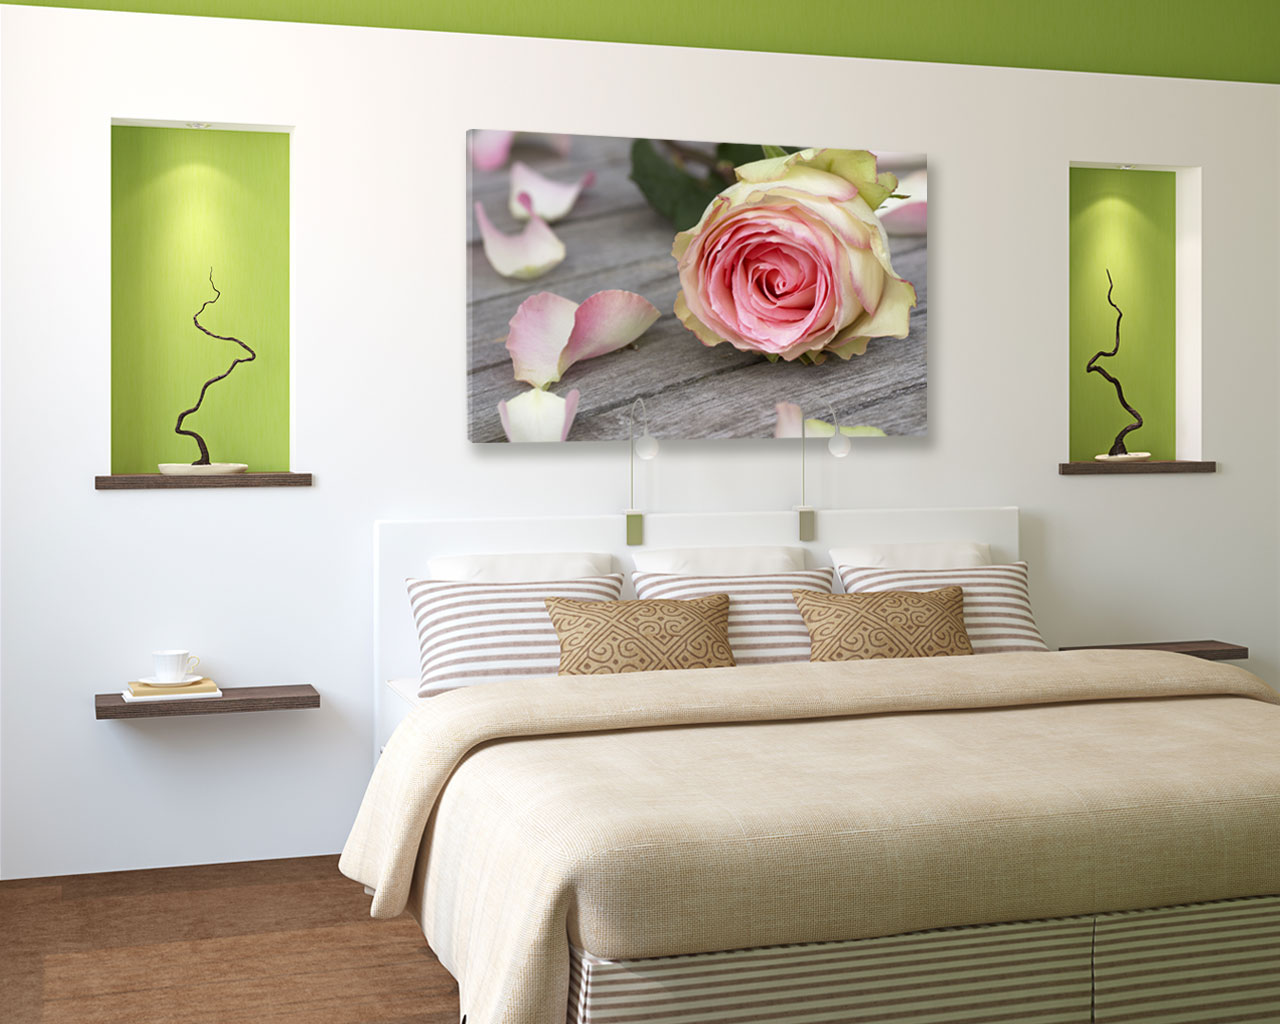 Rosa con petali sparsi fiori stampa su tela interni decori adesivi murali wall - Ikea quadri su tela ...